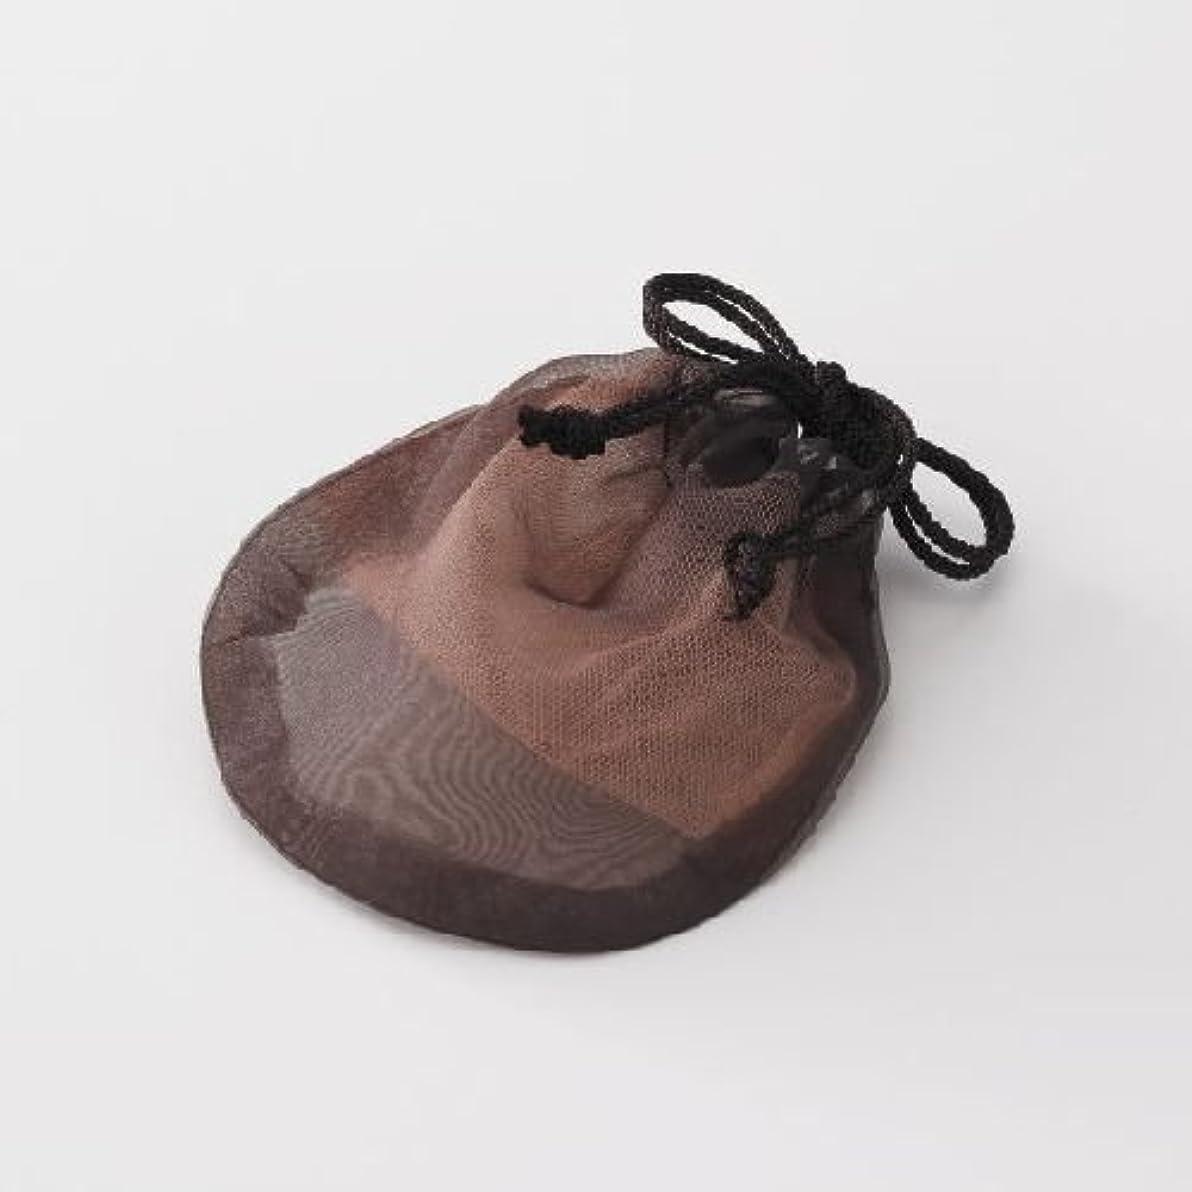 スリチンモイジョリー収まるピギーバックス ソープネット 瞬時にマシュマロのようなお肌に負担をかけないキメ細かな泡をつくることができるオシャレなポーチ型オリジナル【泡だてネット】!衛生的に固形石鹸の保存もできます。